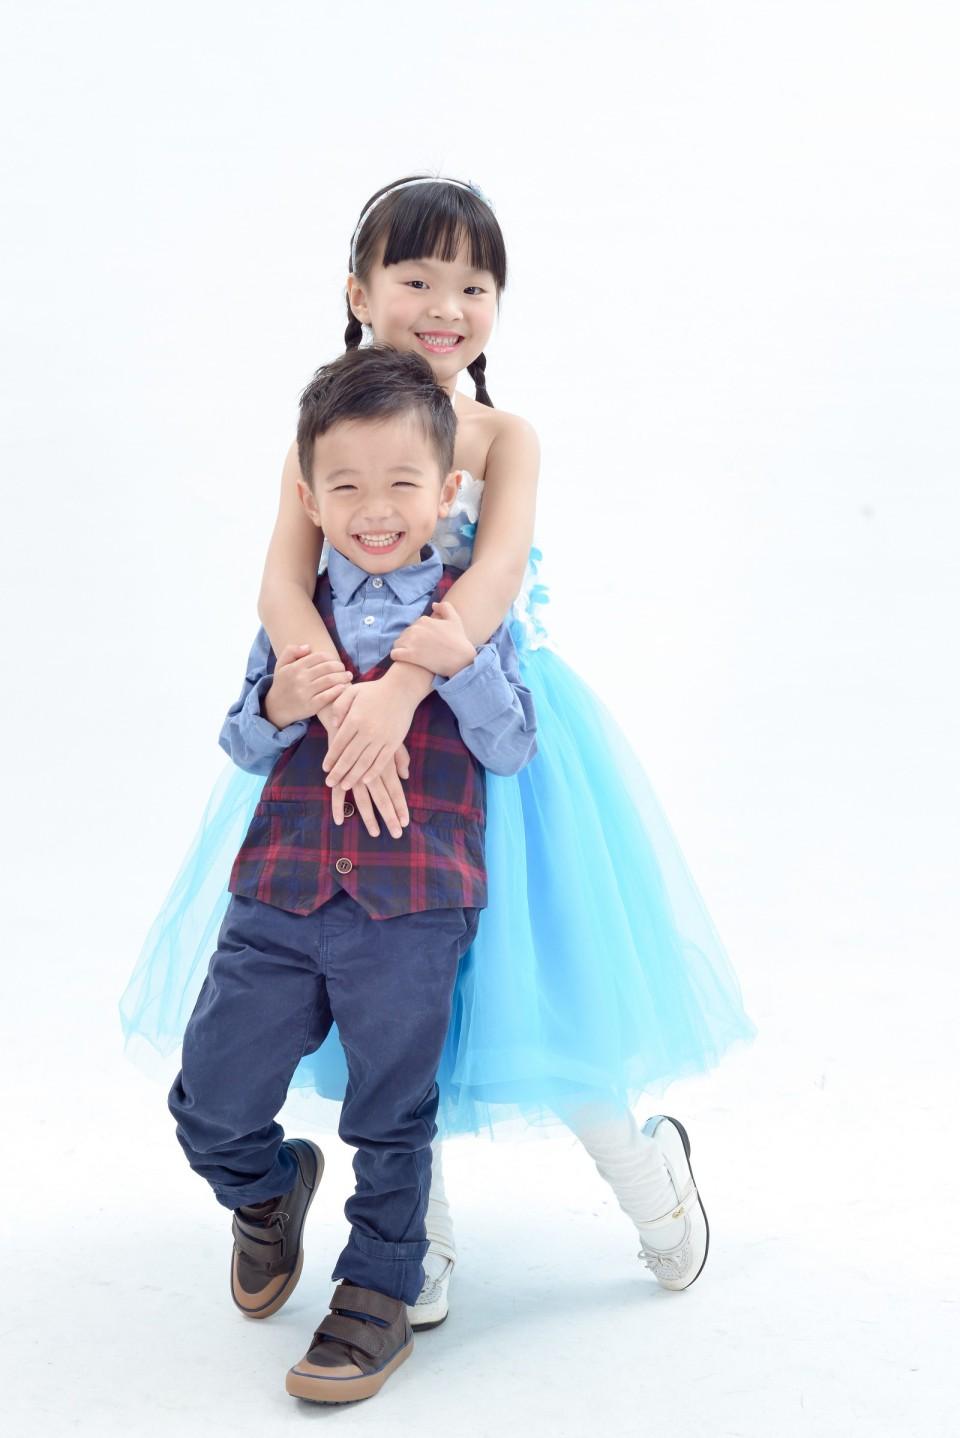 兒童寫真,兒童攝影,婚紗攝影師,自助婚紗,bb14